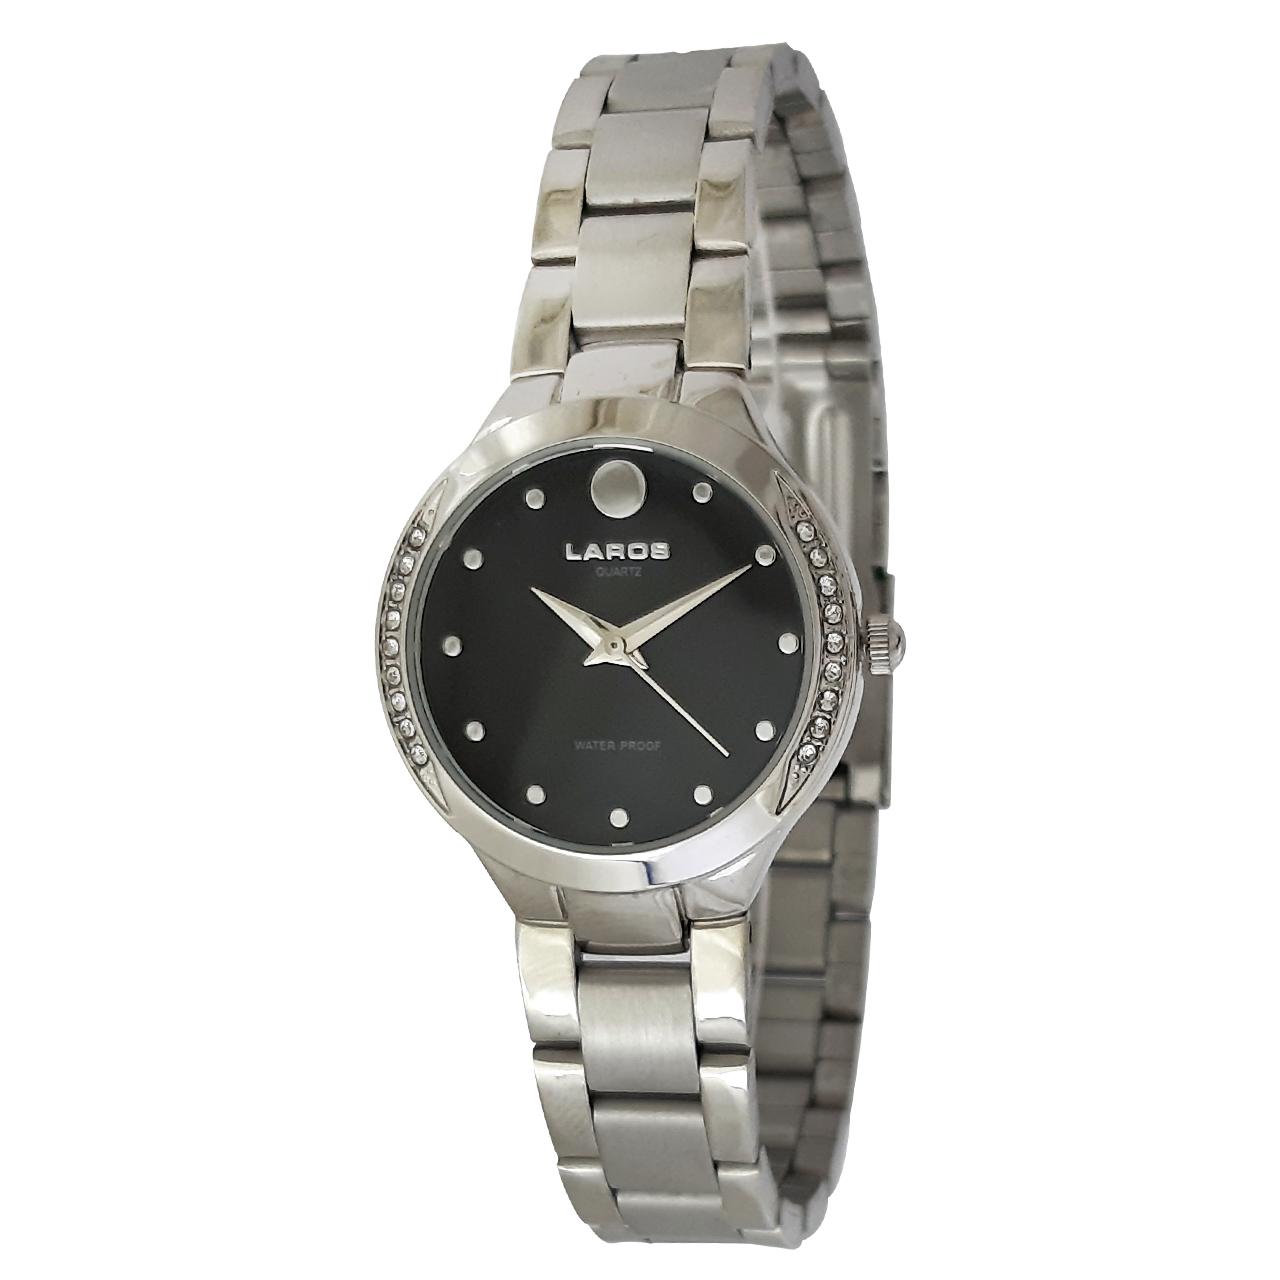 ساعت مچی عقربه ای زنانه لاروس مدل0916-79916 به همراه دستمال مخصوص برند کلین واچ 24